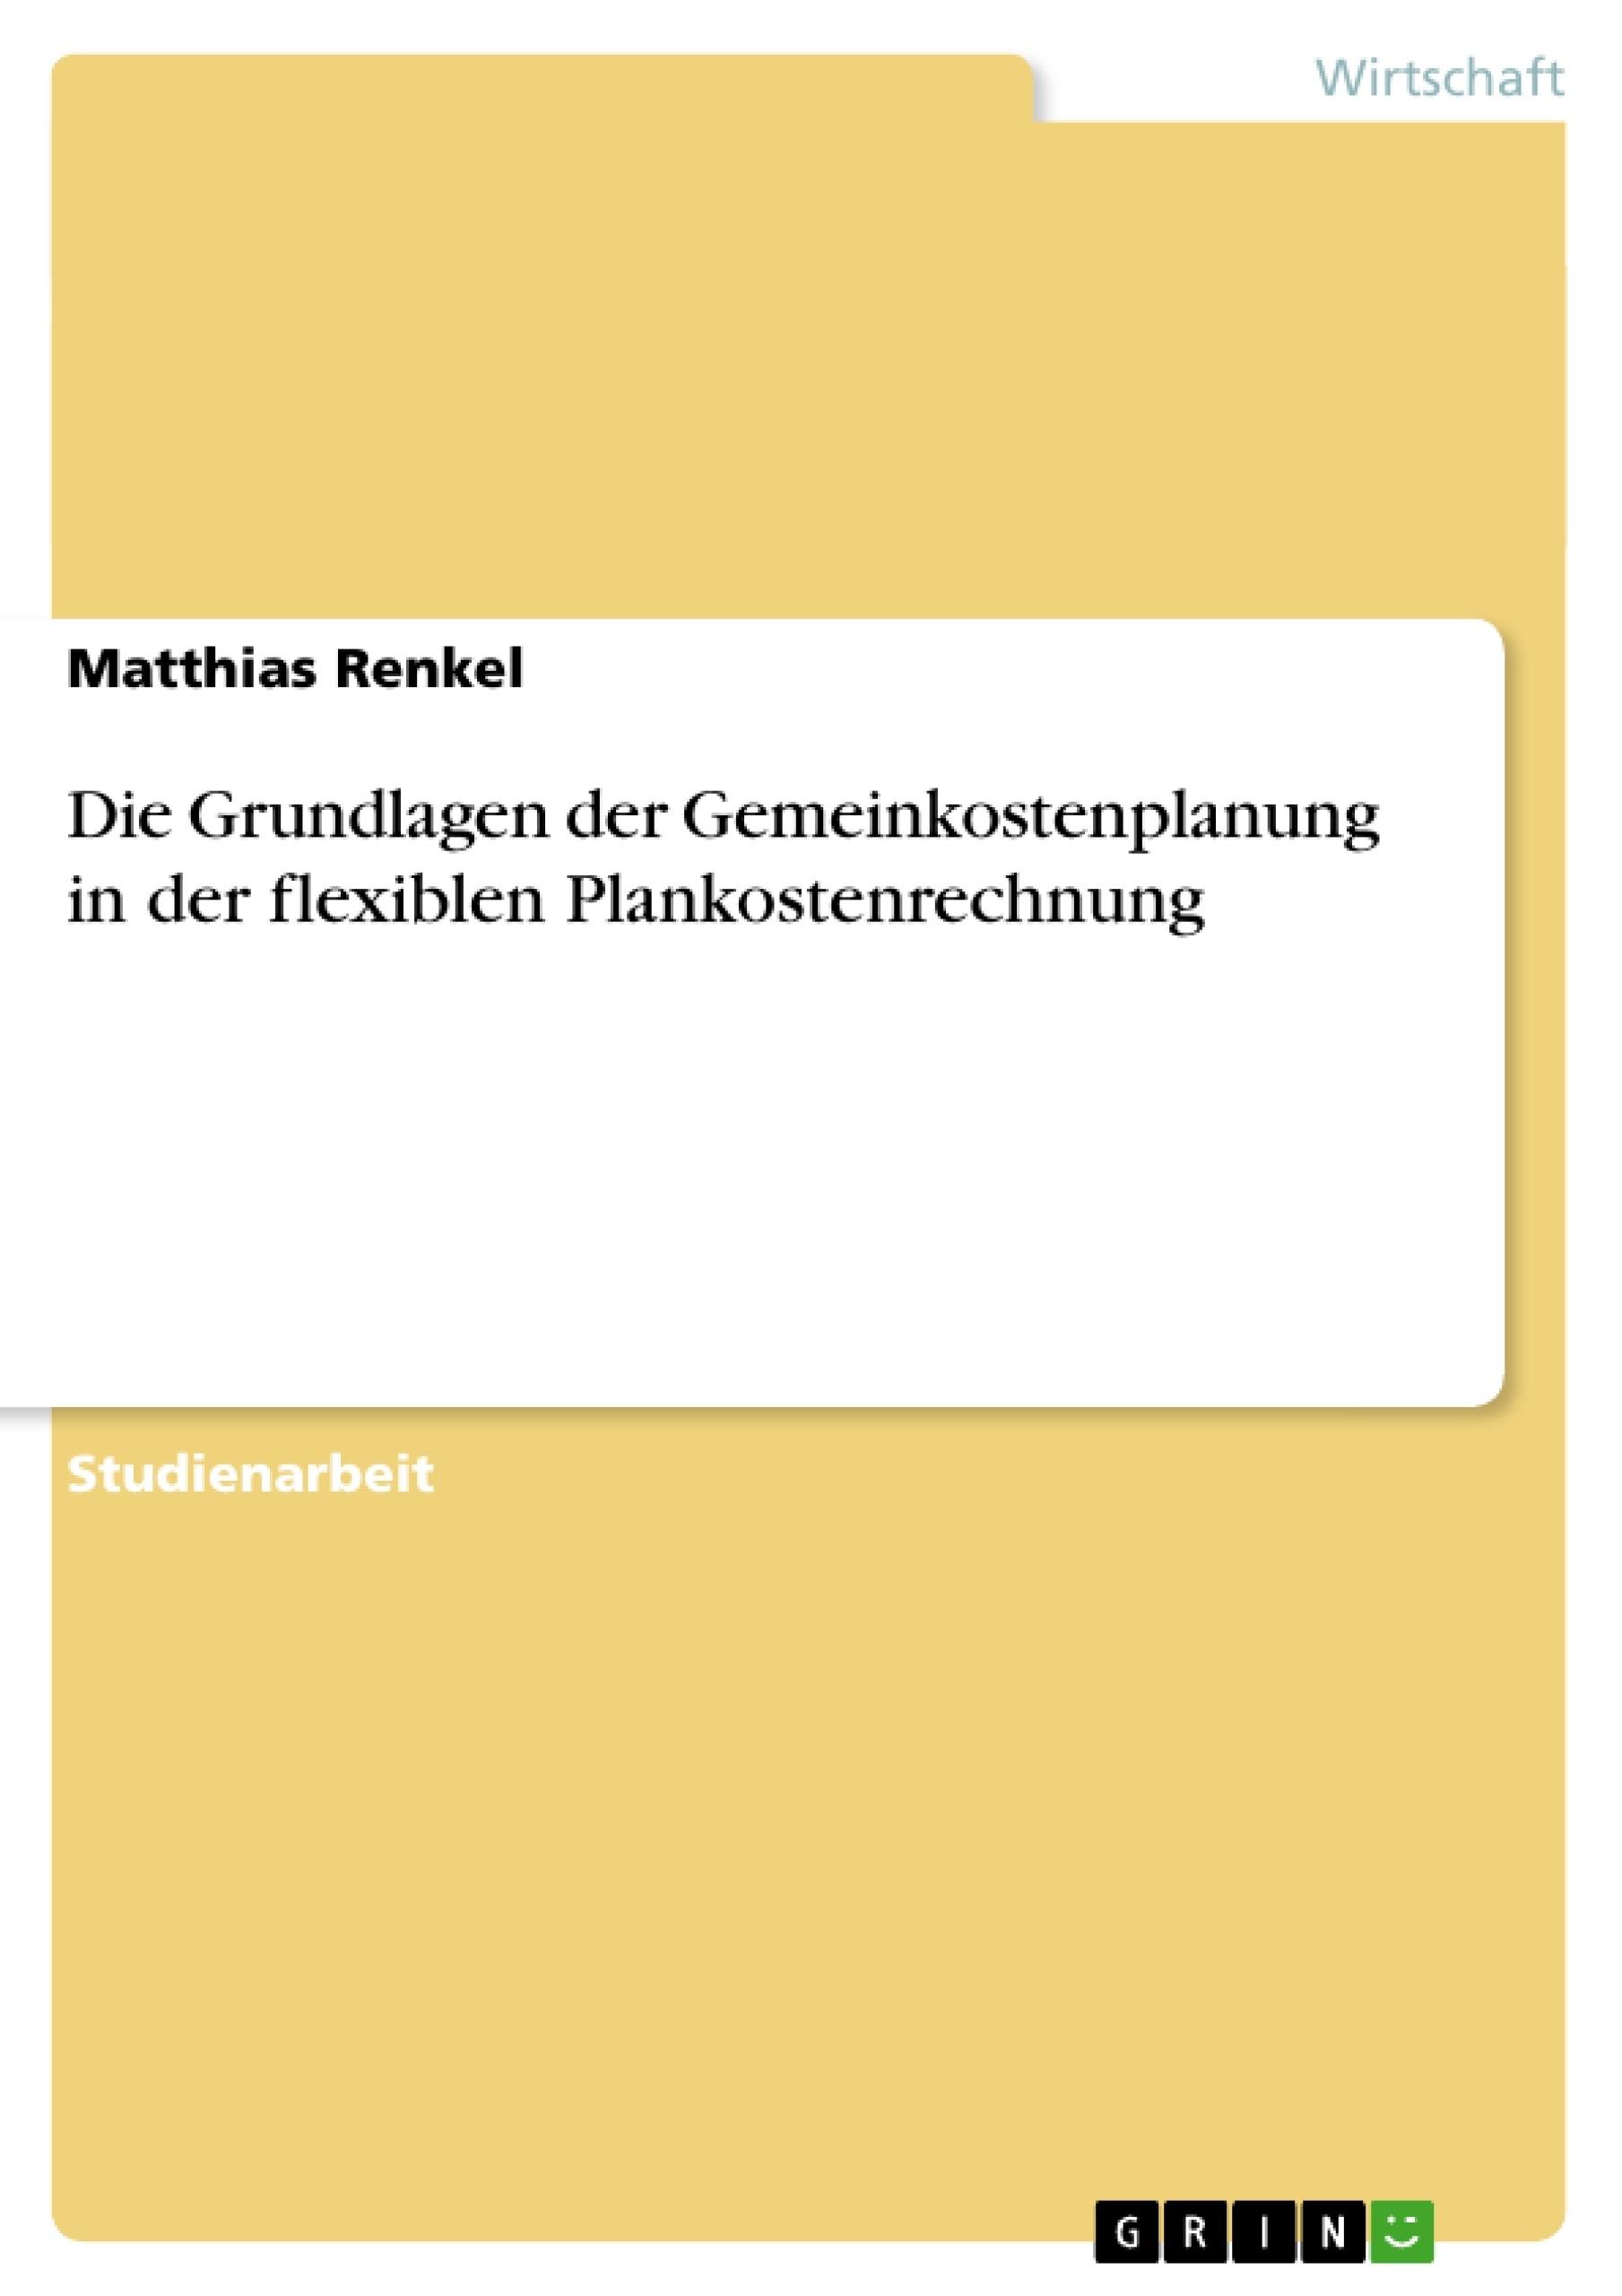 Titel: Die Grundlagen der Gemeinkostenplanung in der flexiblen Plankostenrechnung